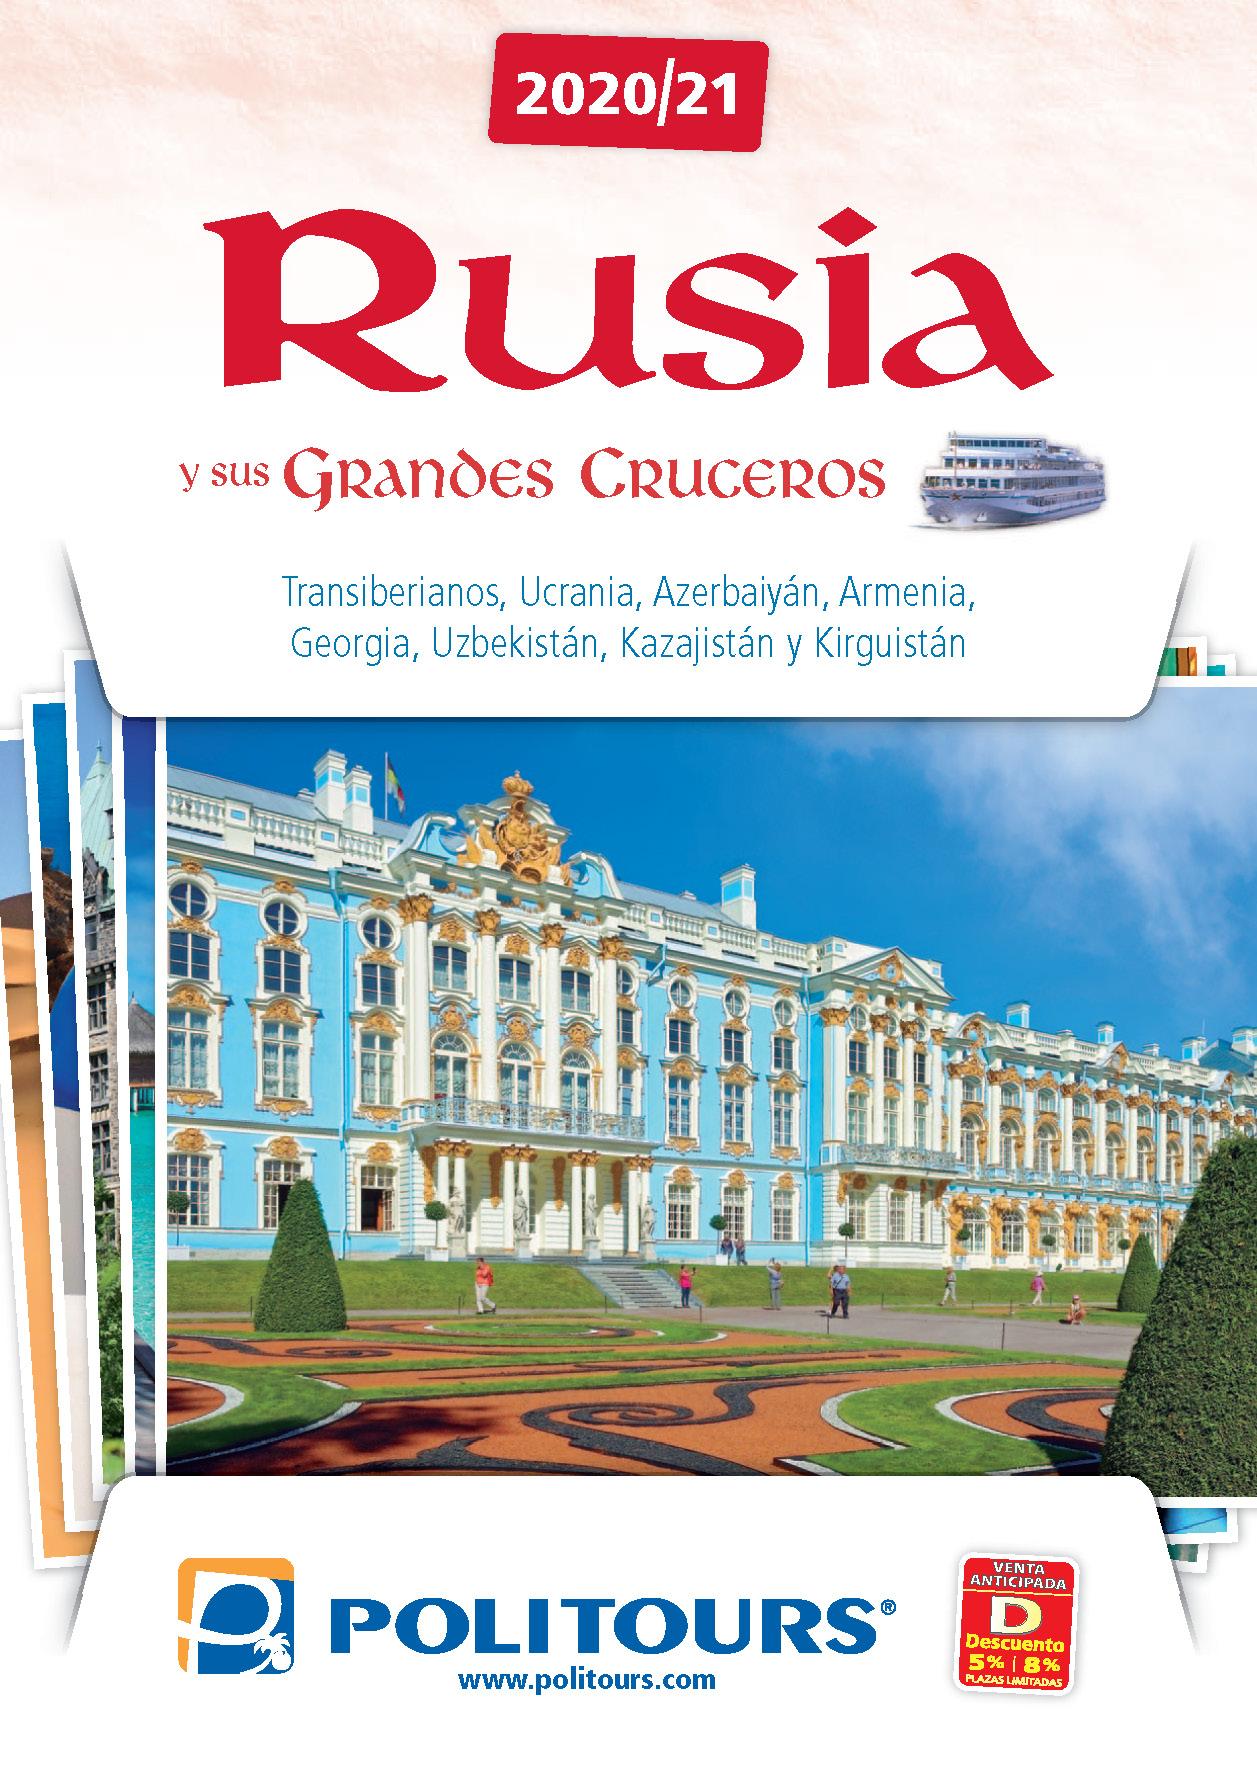 Catalogo Politours Rusia y ex Republicas Sovieticas 2020-2021